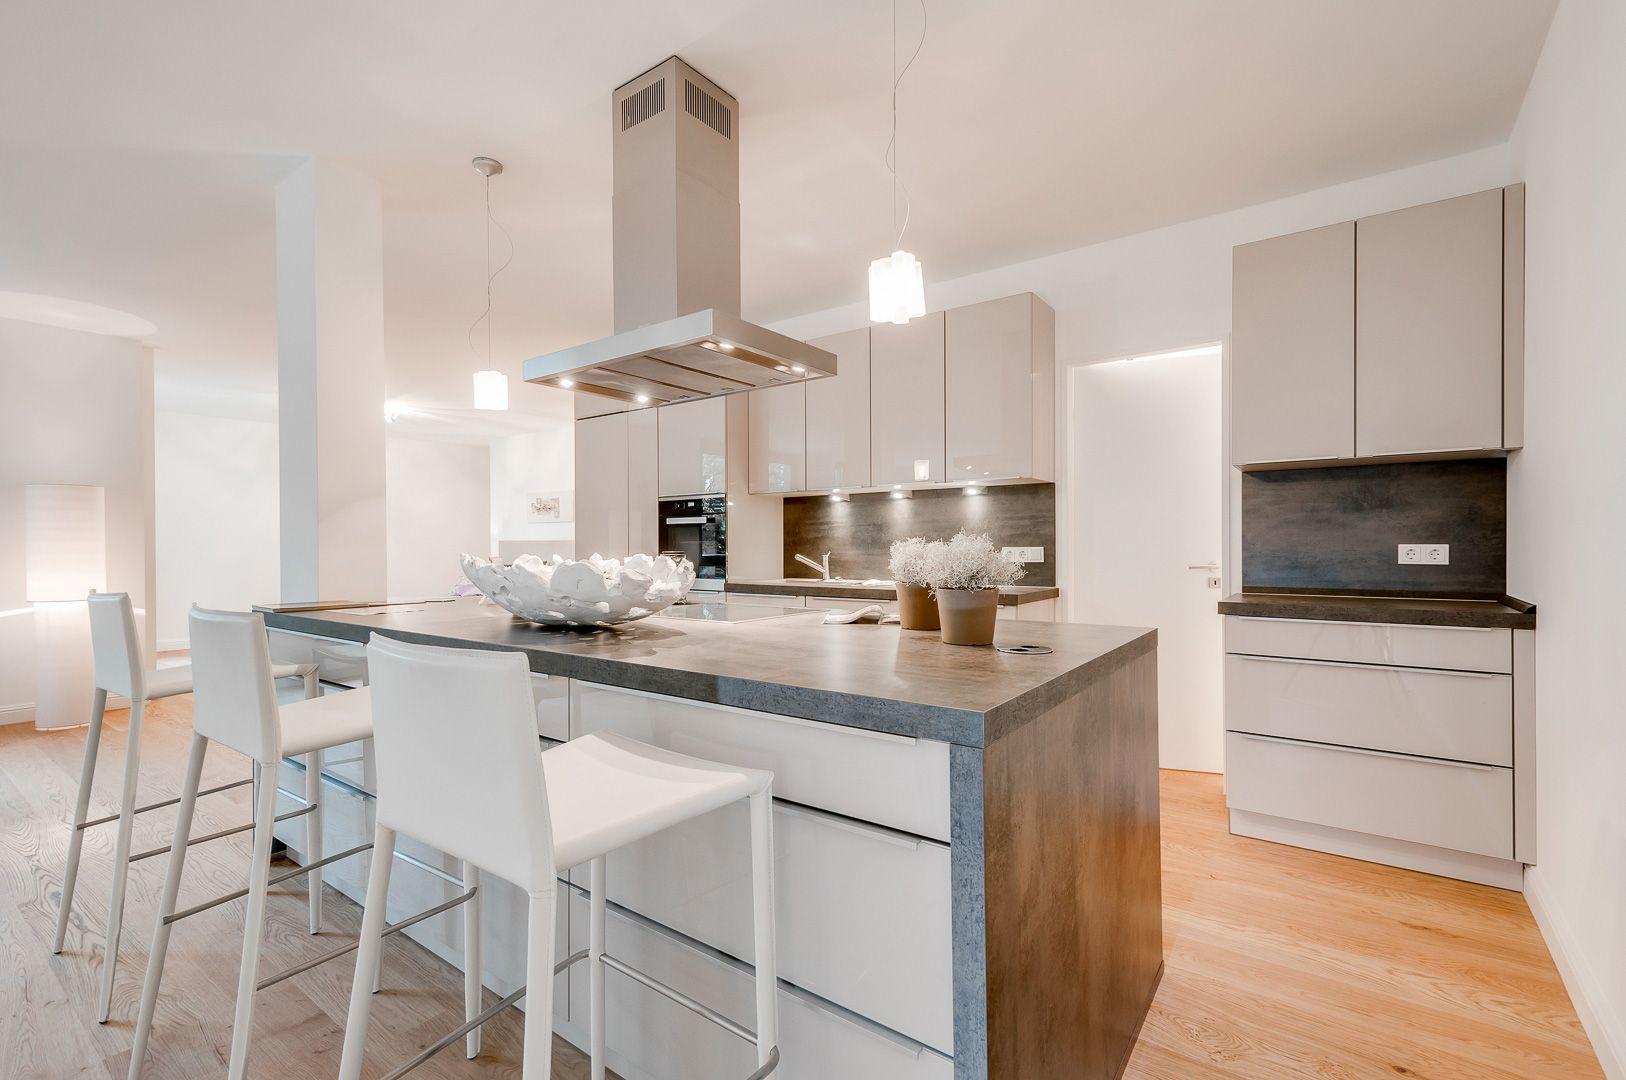 bildergebnis für kochinsel sitzplatz | house design, home